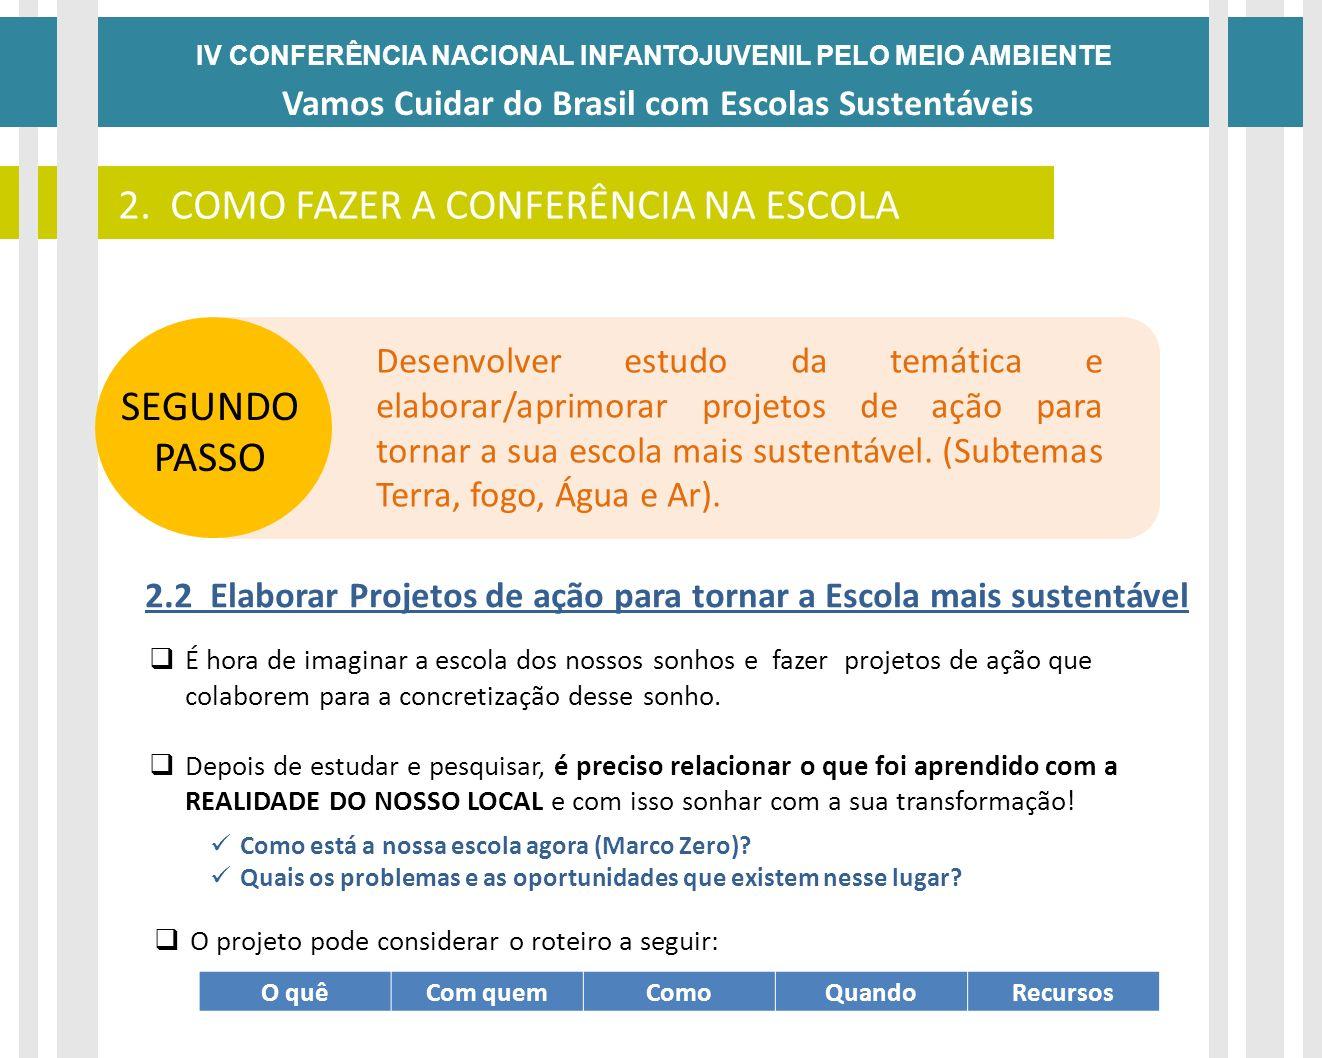 IV CONFERÊNCIA NACIONAL INFANTOJUVENIL PELO MEIO AMBIENTE Vamos Cuidar do Brasil com Escolas Sustentáveis DATAS É hora de imaginar a escola dos nossos